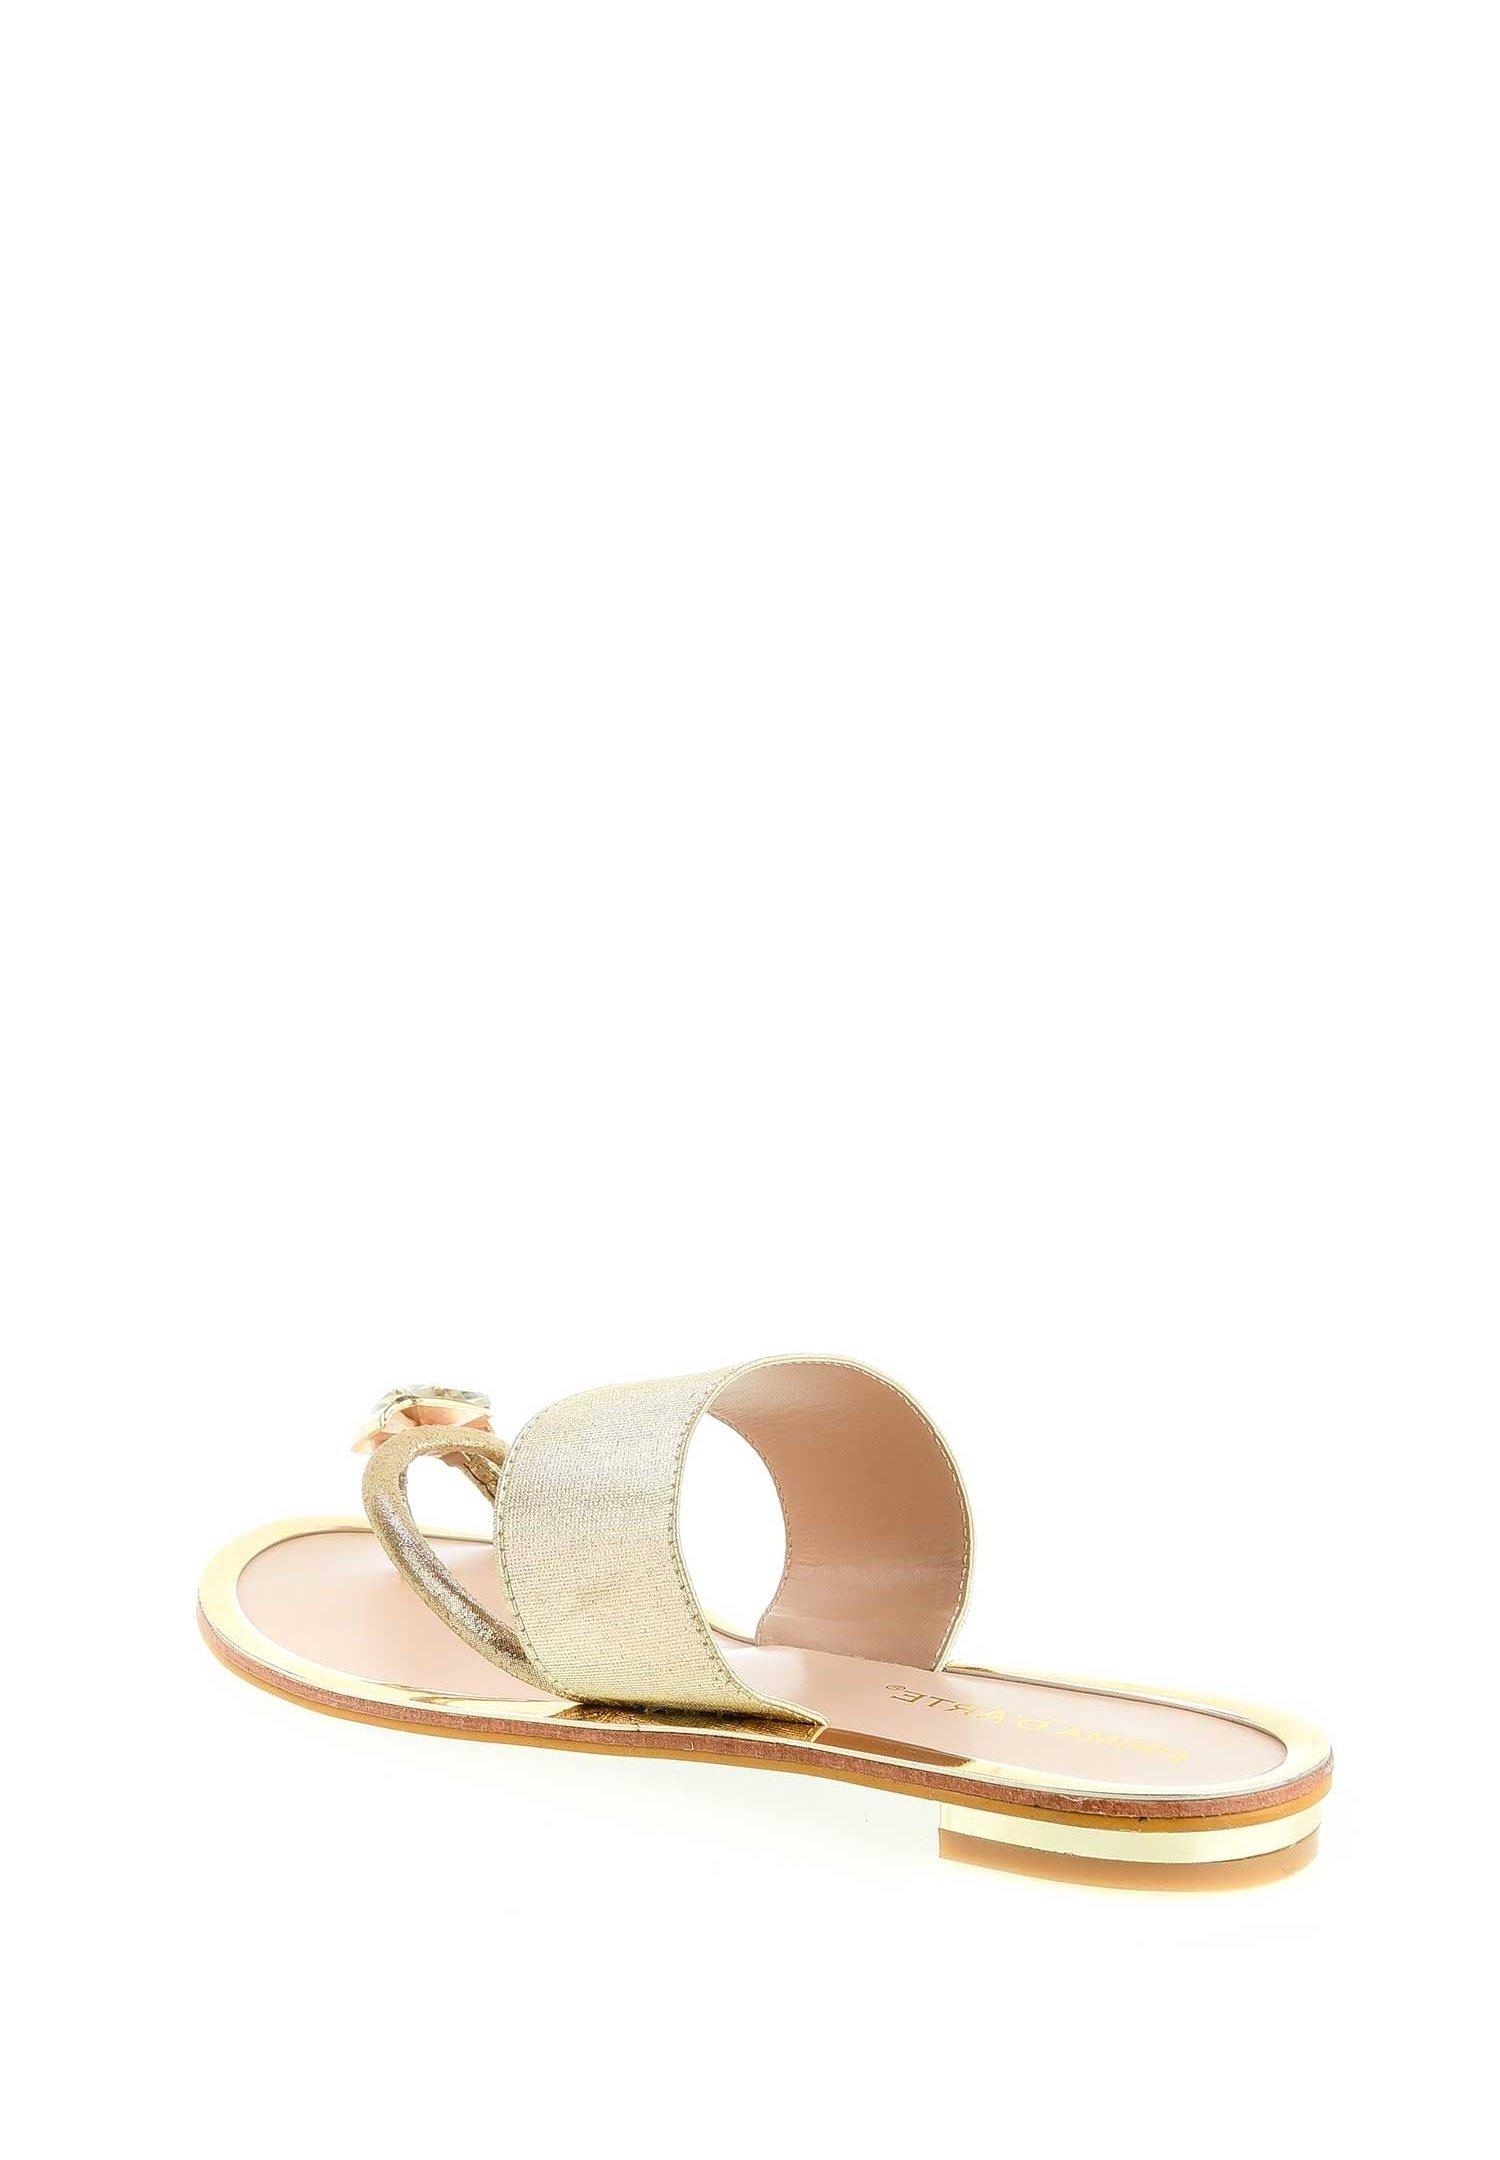 PRIMA MODA IROMITIANO - Sandaler m/ tåsplit - gold evl7R